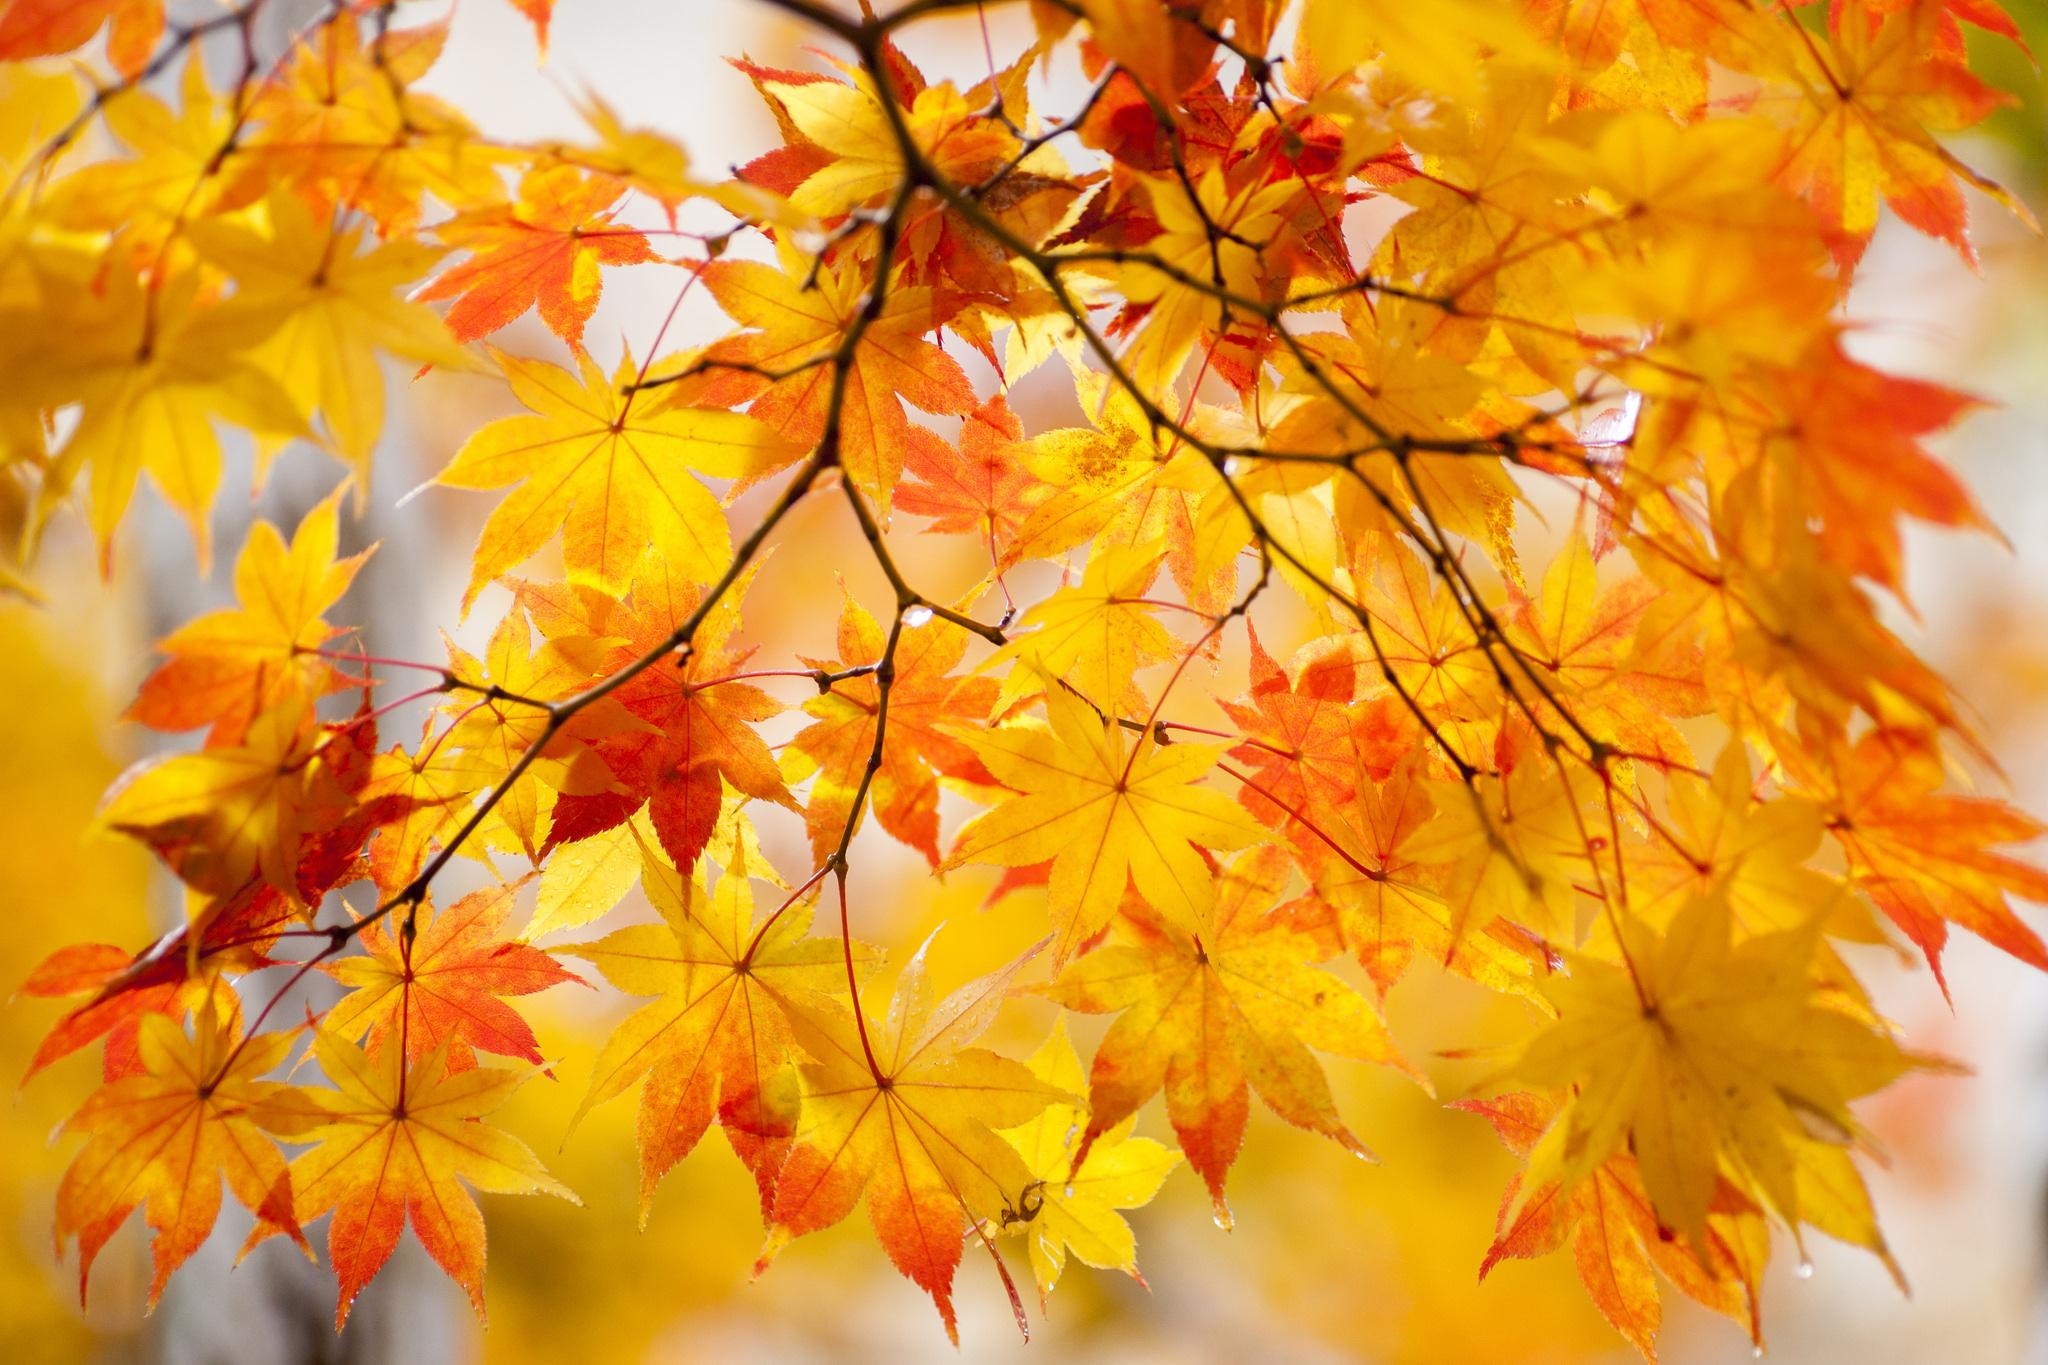 Картинка яблоком, осенние картинки октябрьские